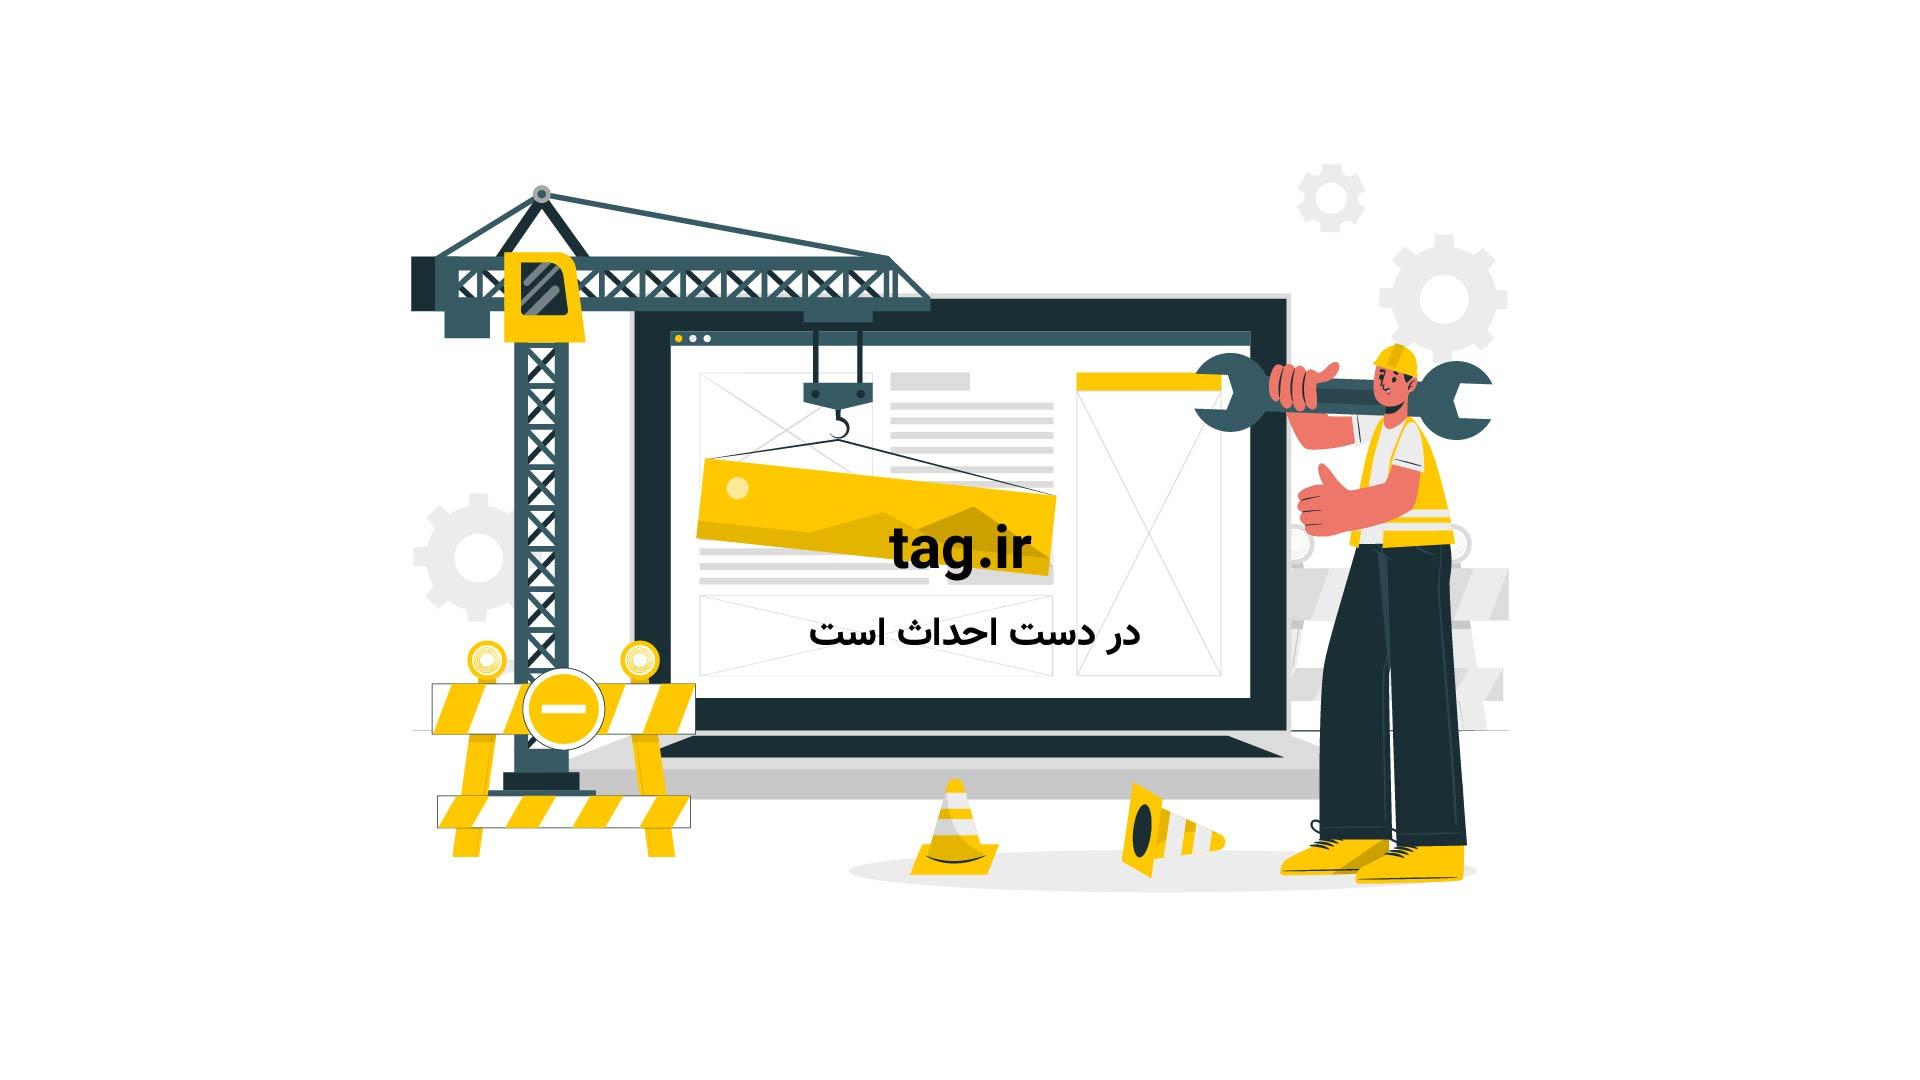 آموزش ساخت آویز چرمی گلدان با استفاده از تکنیک مکرومه بافی | فیلم